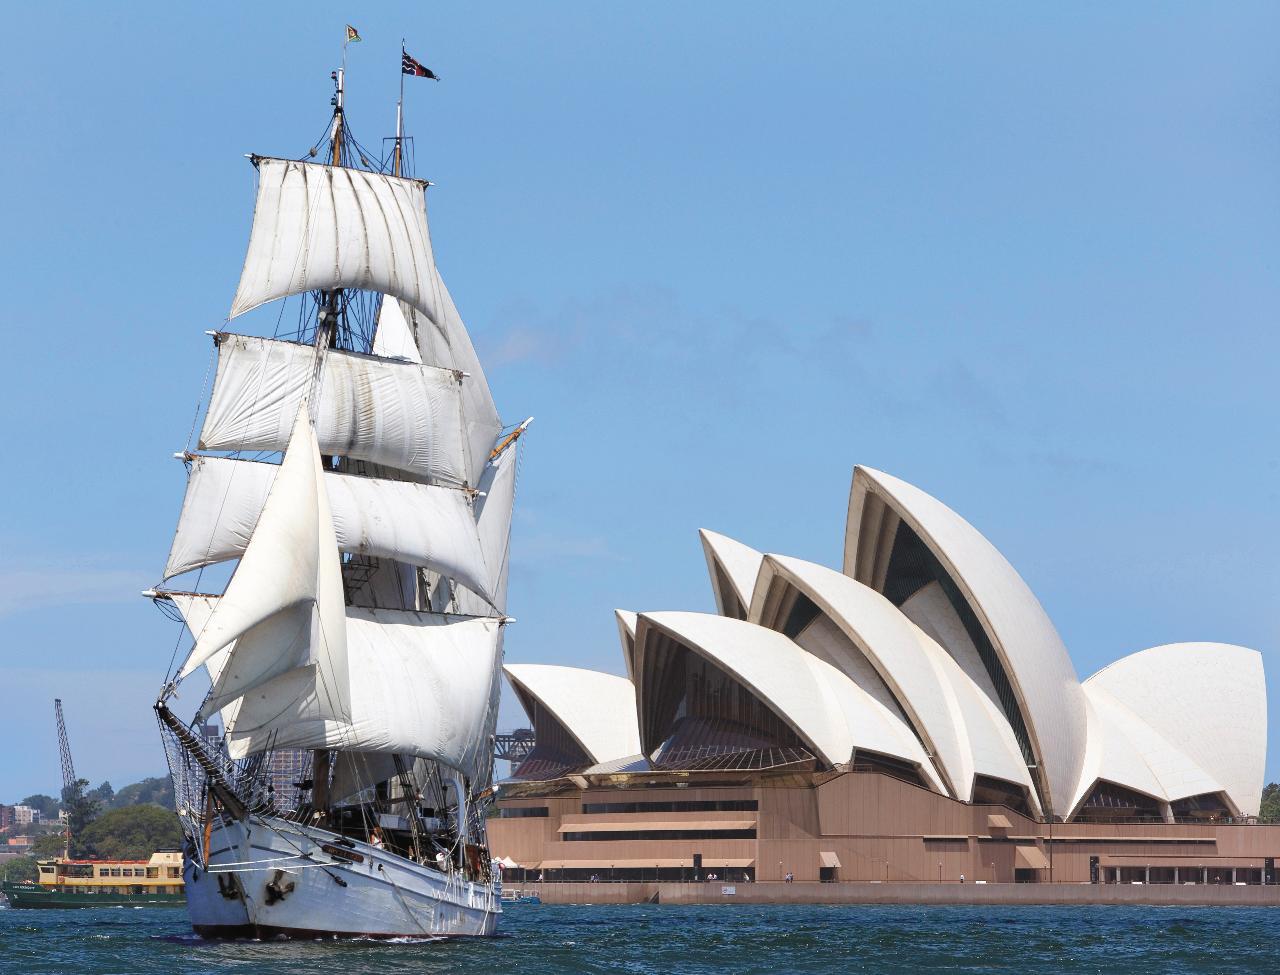 Australia Day - Tall Ships Dinner and Fireworks - Soren Larsen